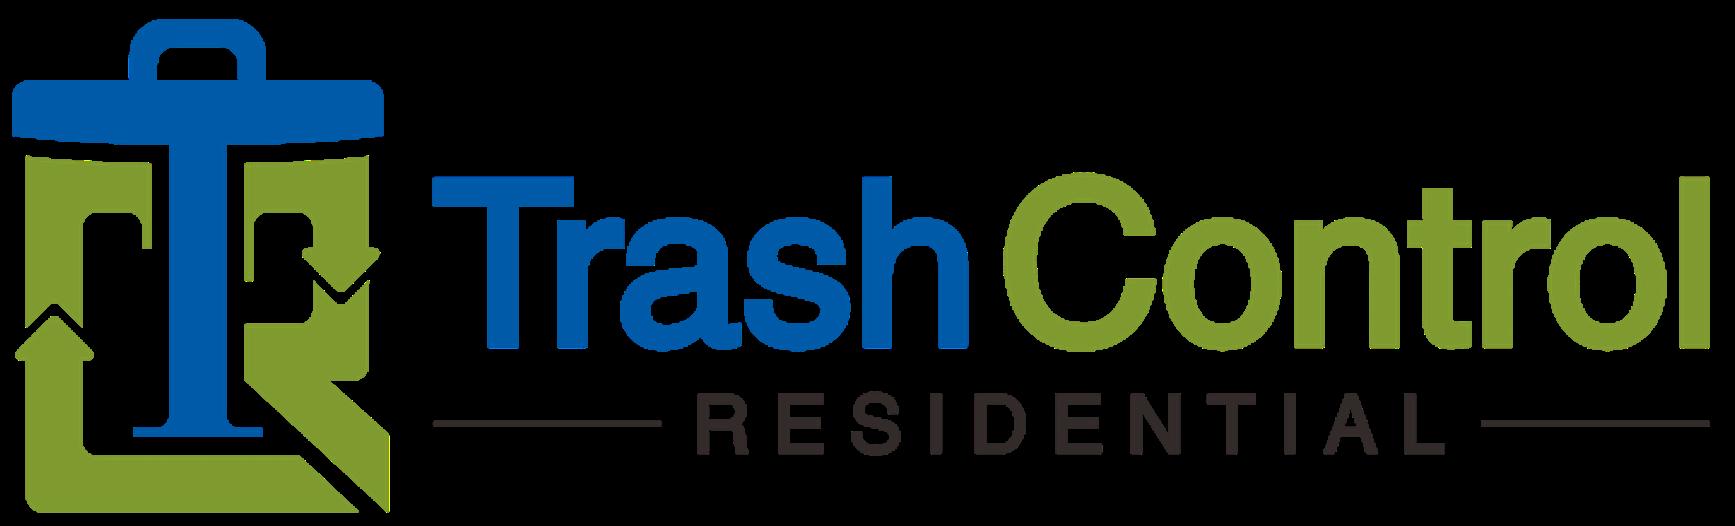 Trash Control Residential